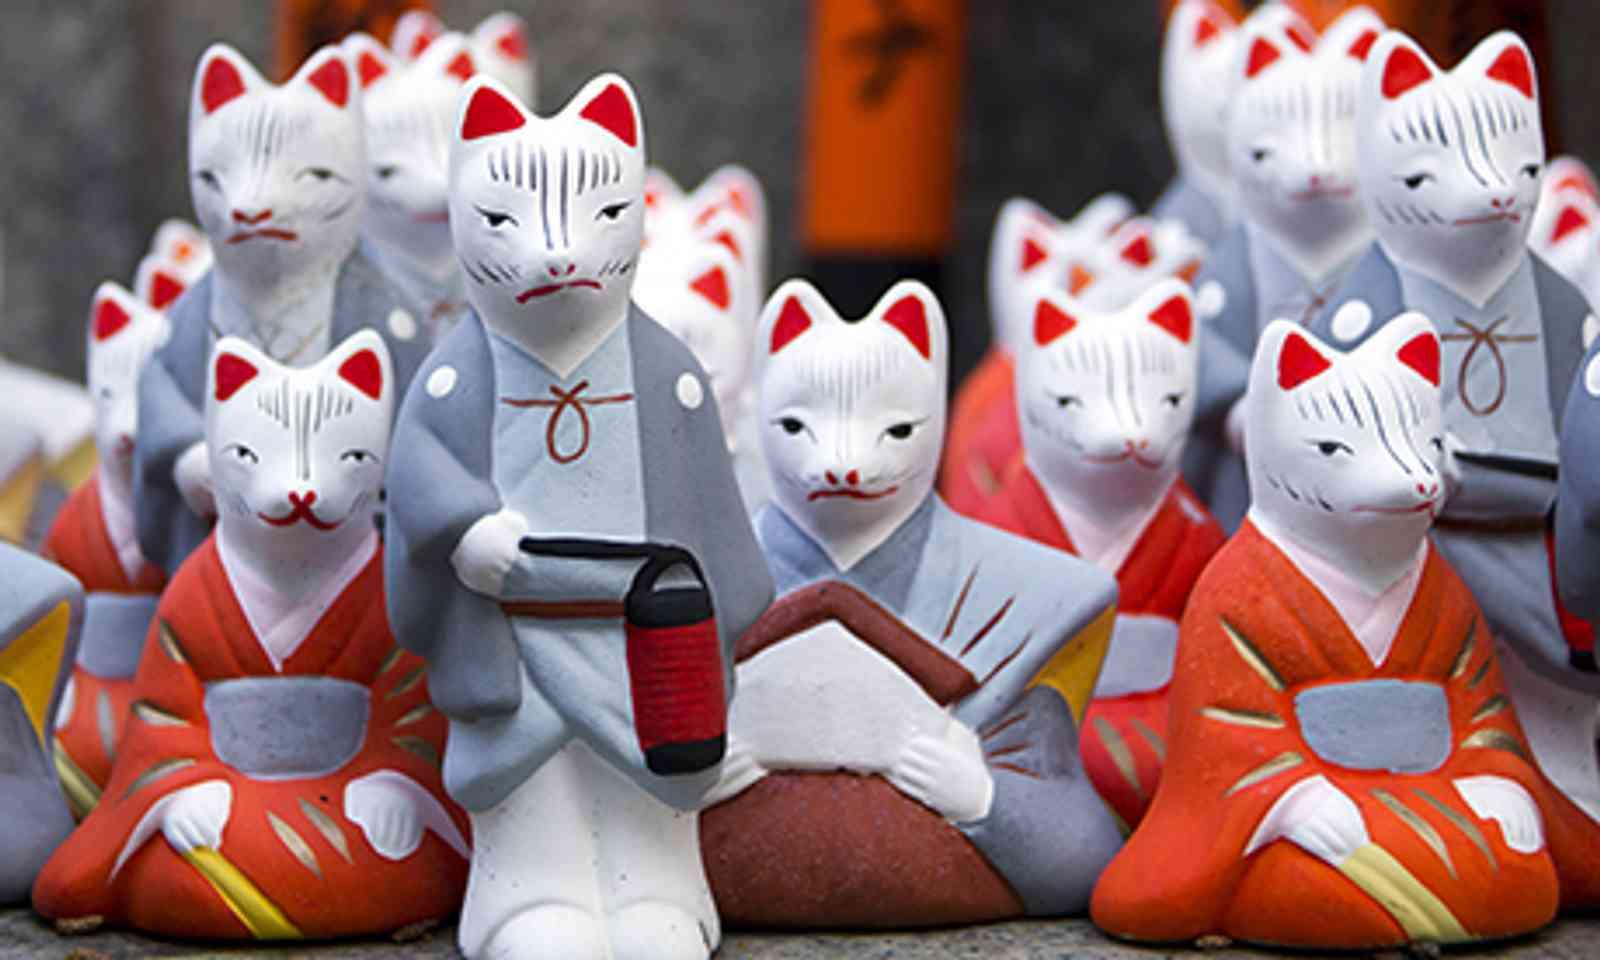 Little Foxes (Shutterstock.com)